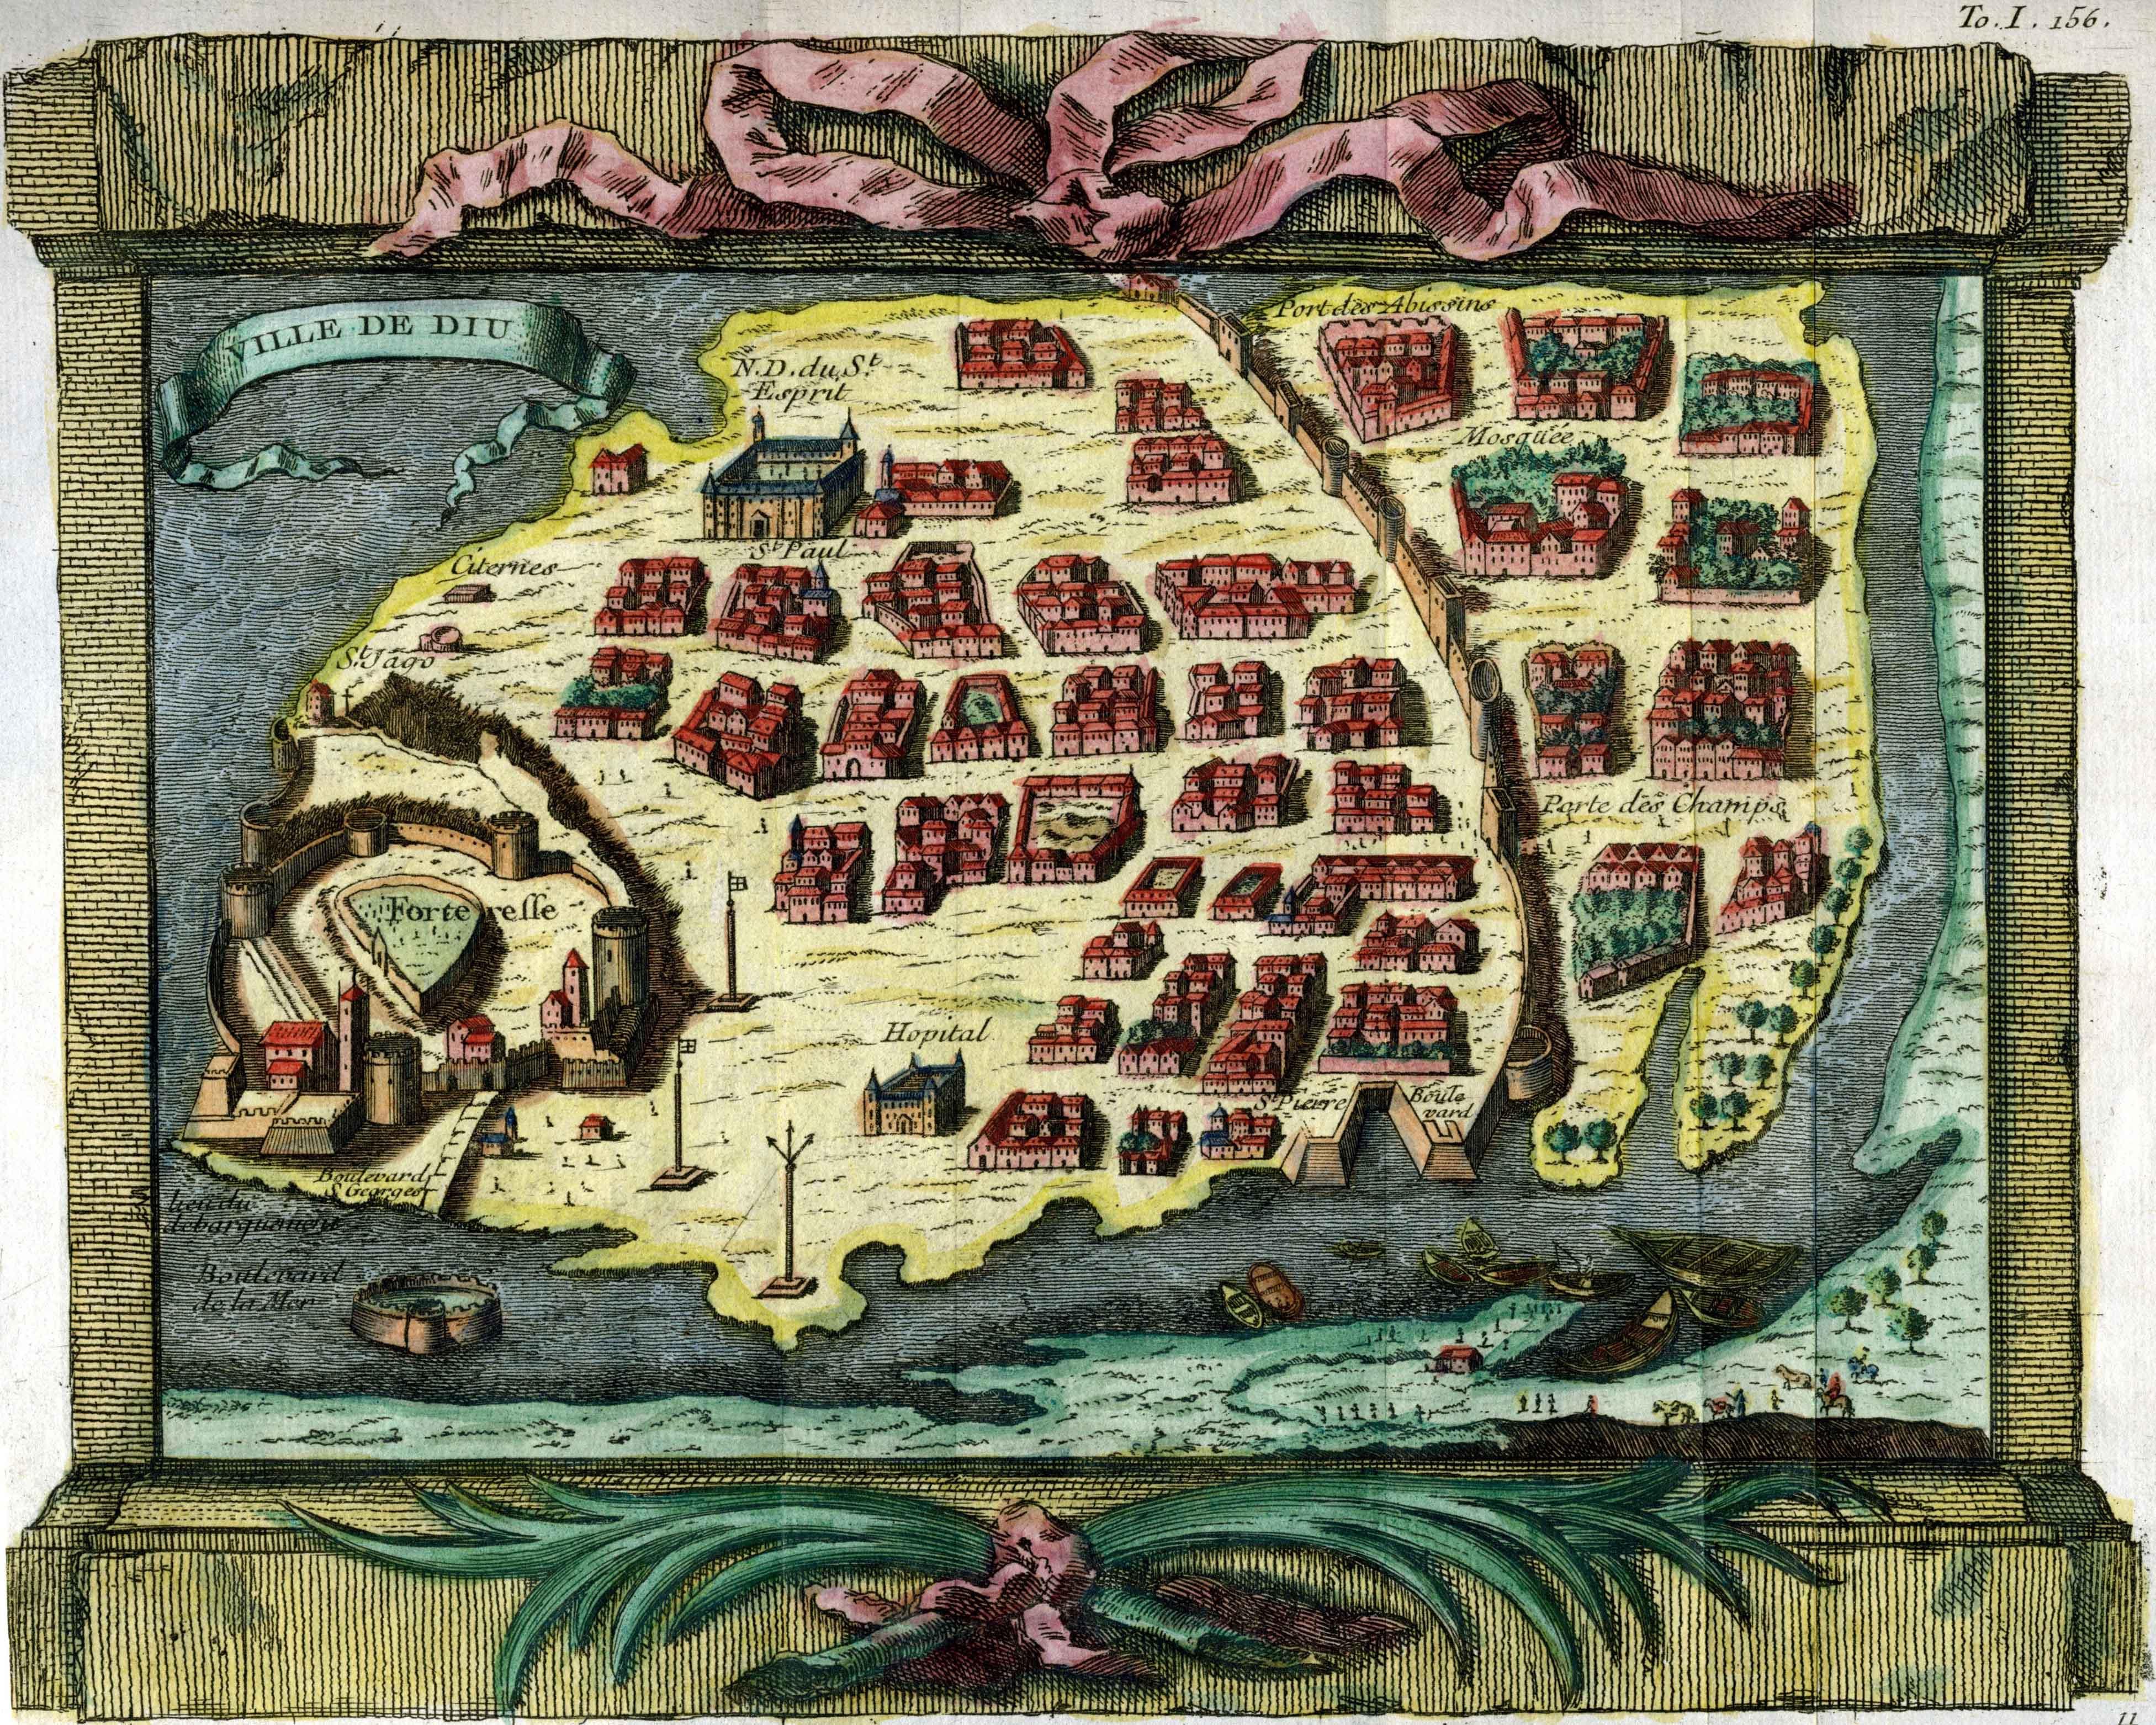 Ville_de_Diu,_ou_Dio,1750